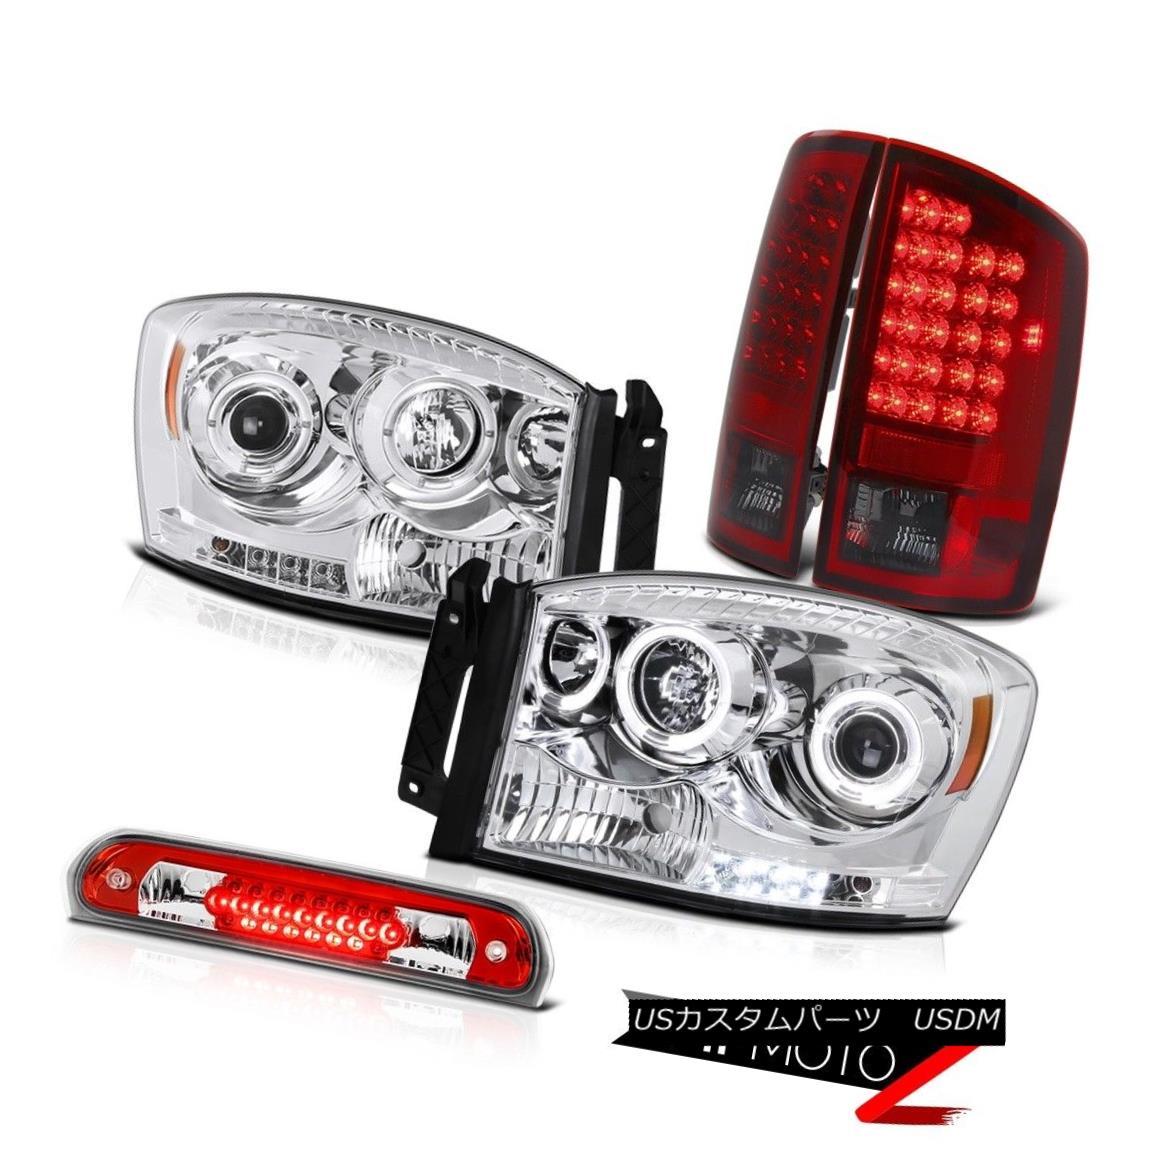 テールライト Chrome LED Headlights Cherry Red Tail Lights 3rd Brake 2007-2008 Dodge Ram 3500 クロームLEDヘッドライトチェリーレッドテールライト3rdブレーキ2007-2008ドッジラム3500